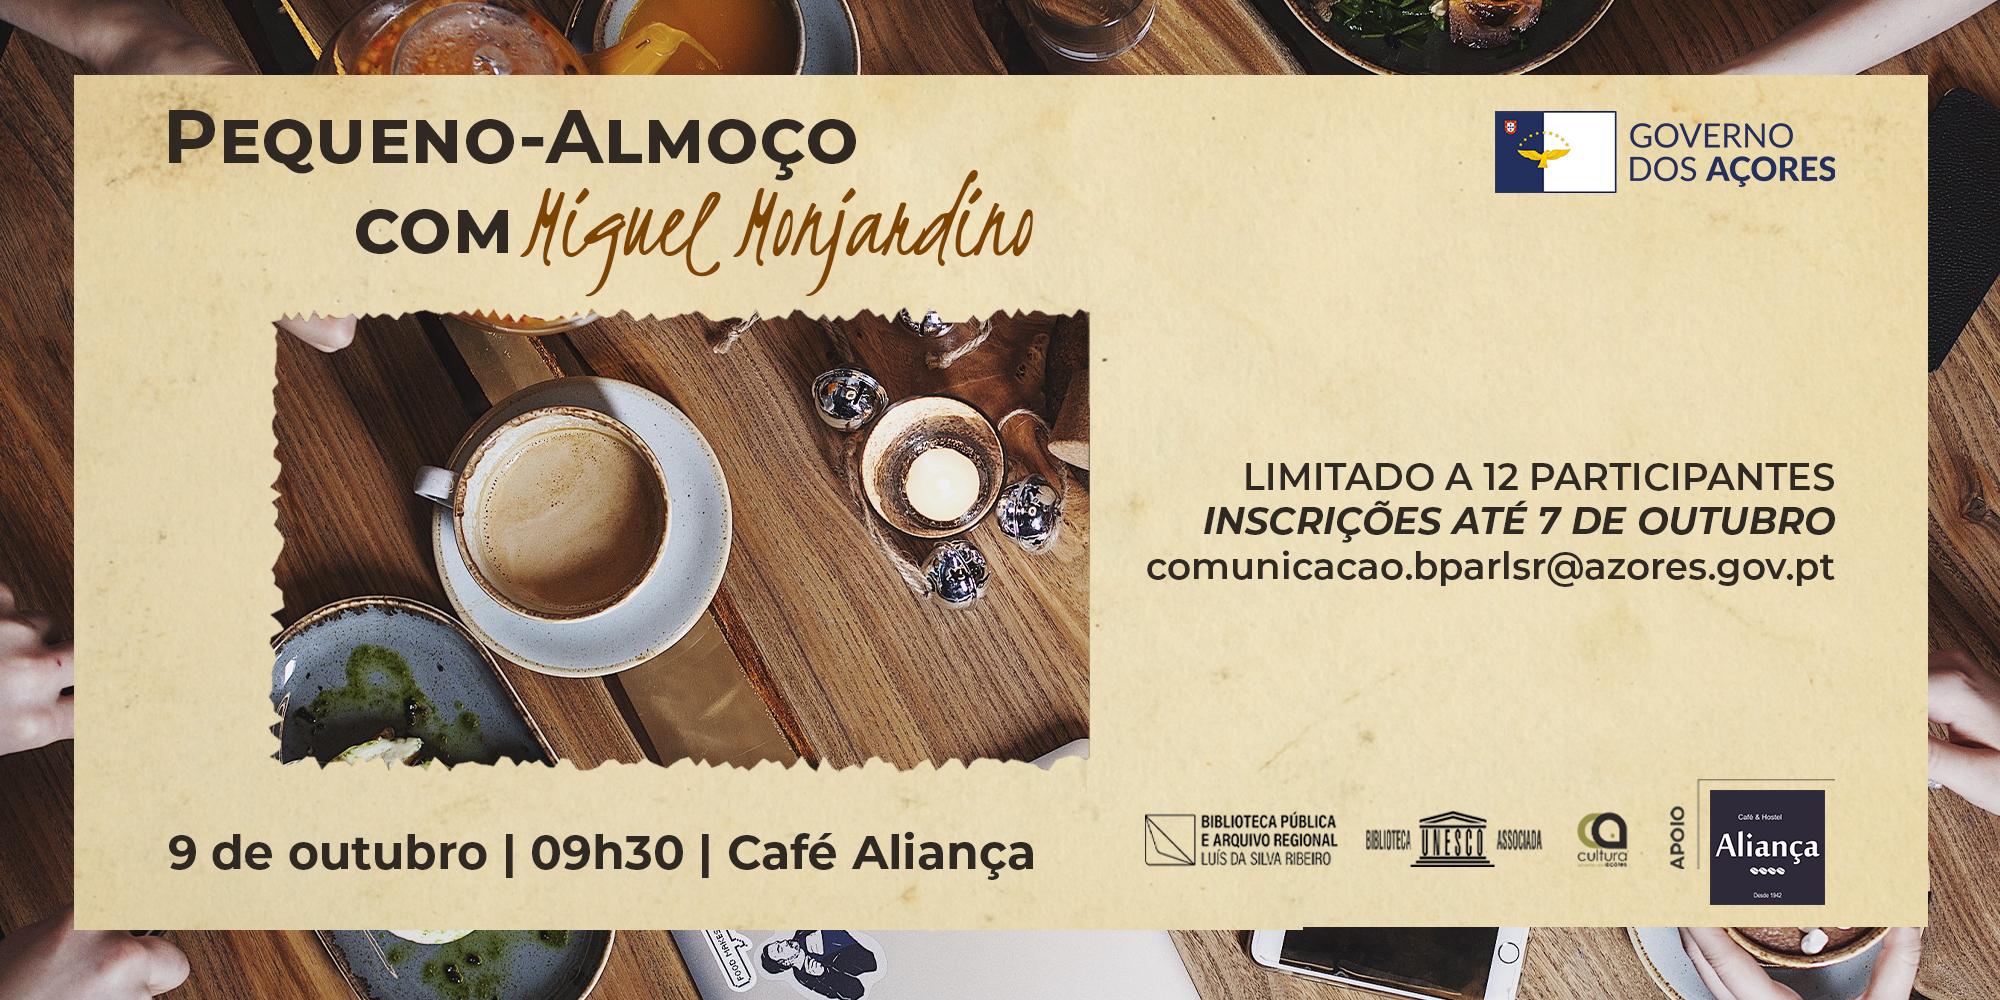 Pequeno-Almoço com… Miguel Monjardino